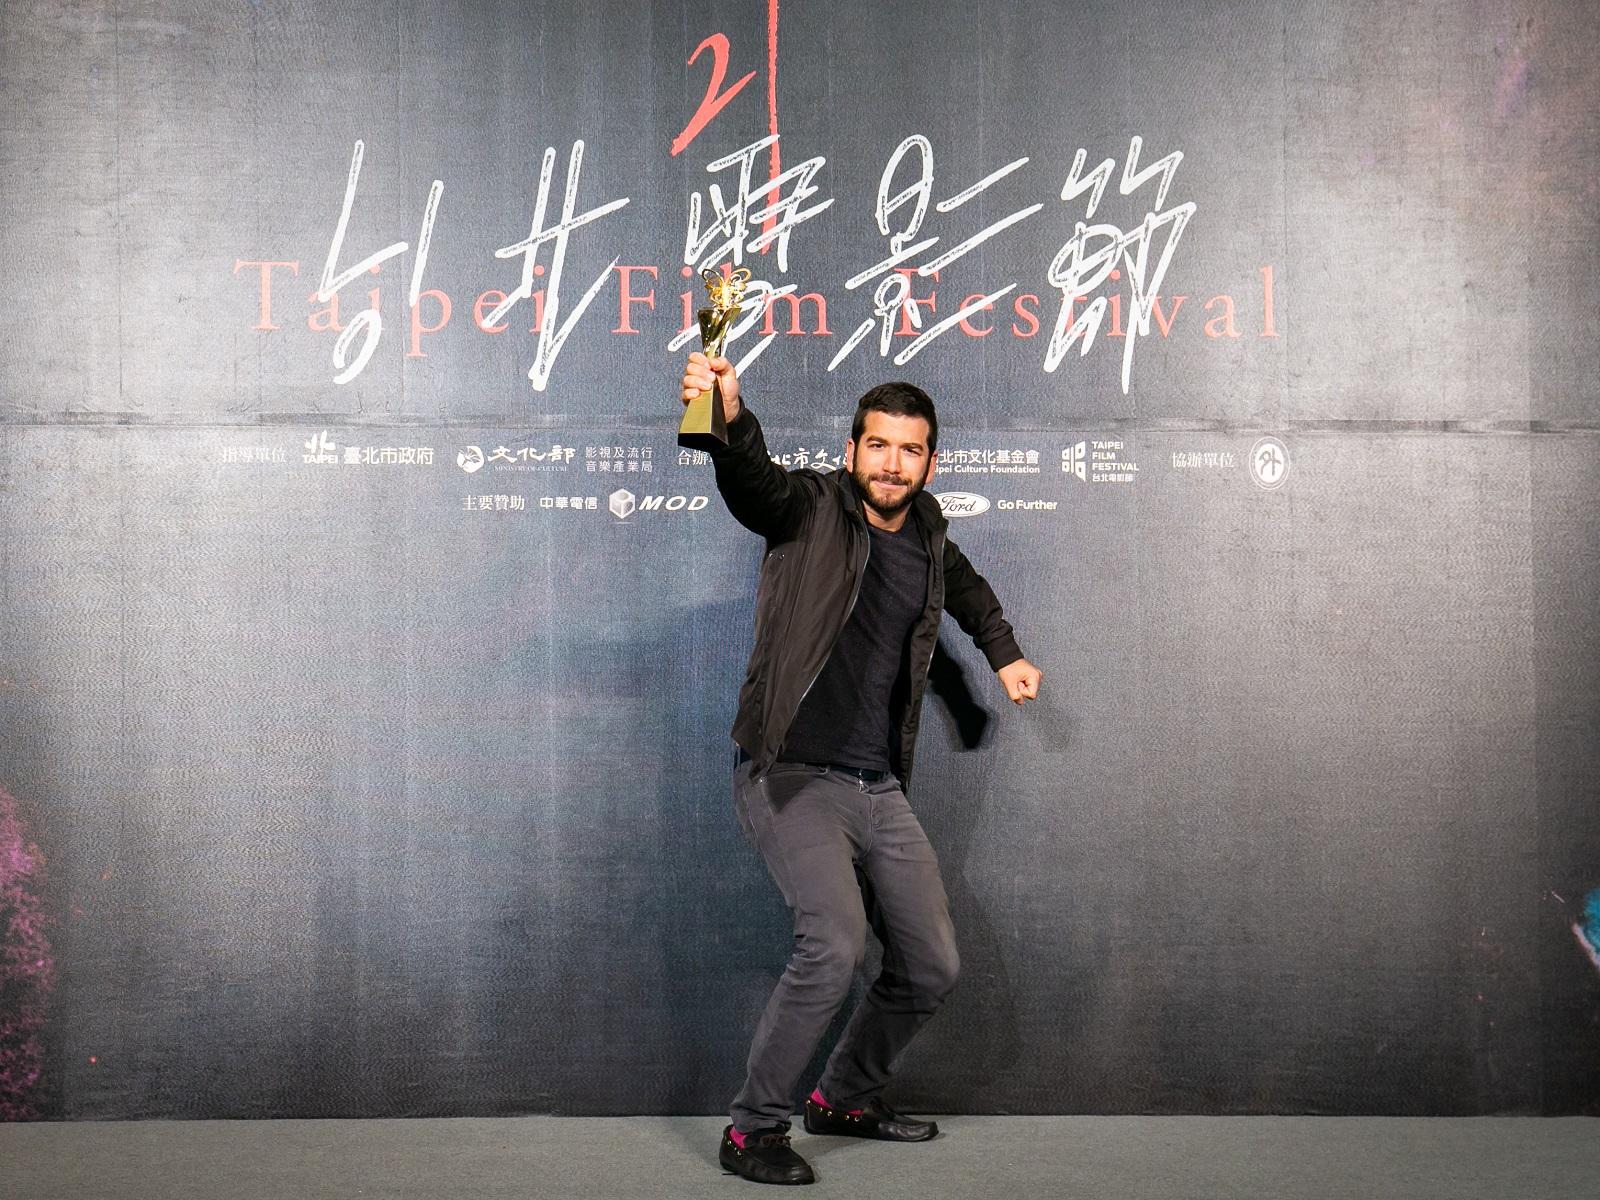 2019國際新導演競賽最佳影片《蘿莉破壞王》(System Crasher)攝影師尤諾斯‧羅伊‧印瑪(Yunus Roy Imer)